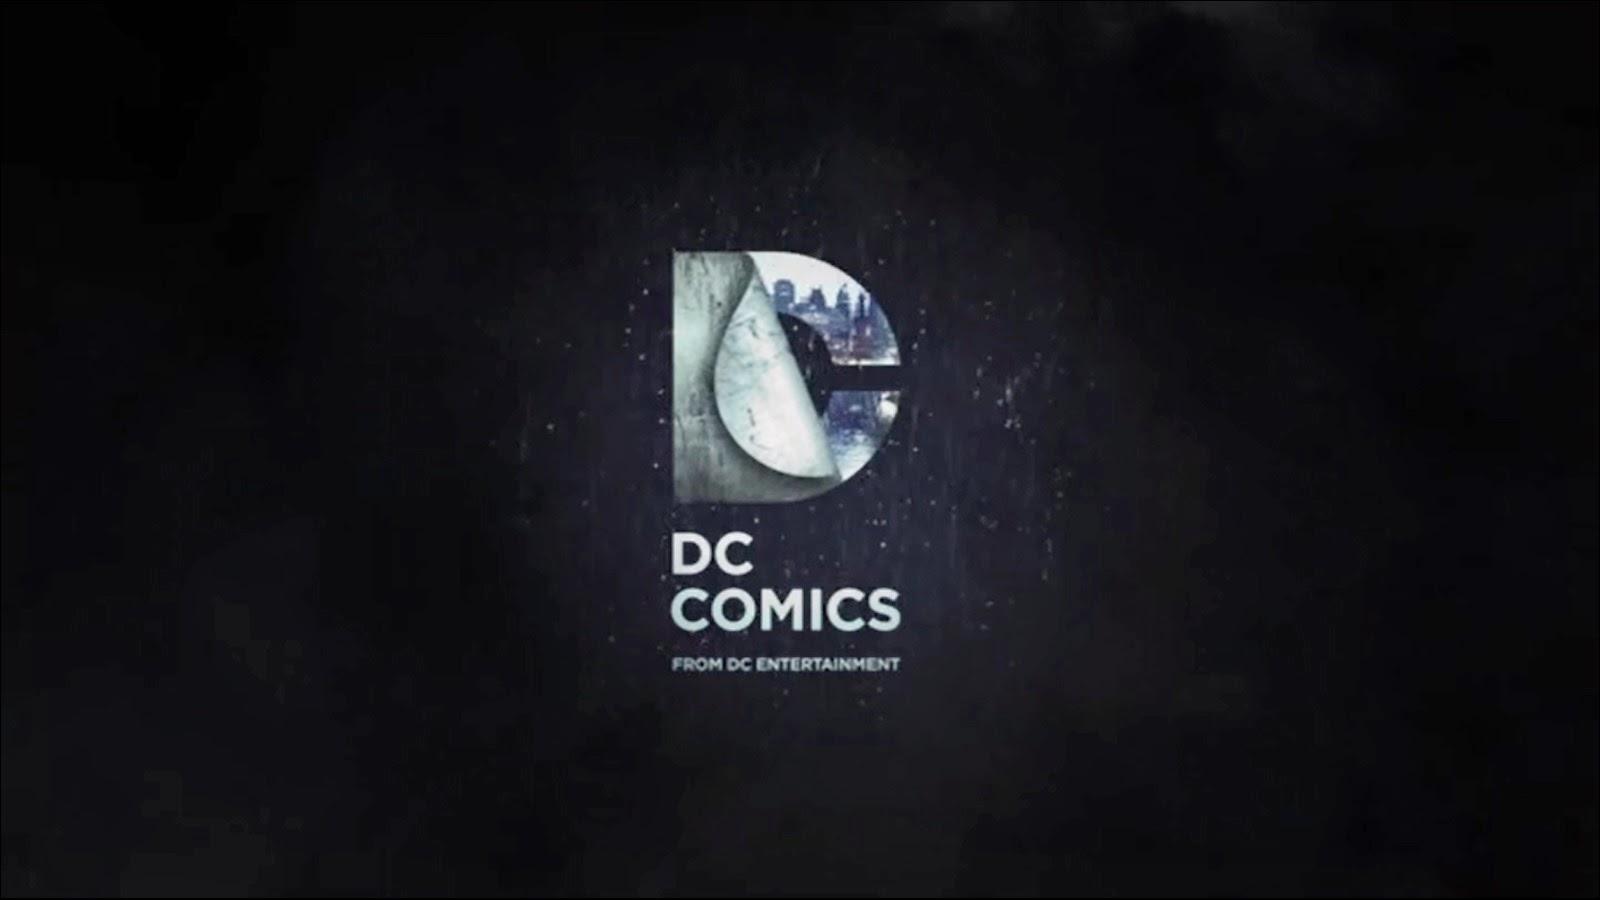 saw another cool dc logo edit dccomics